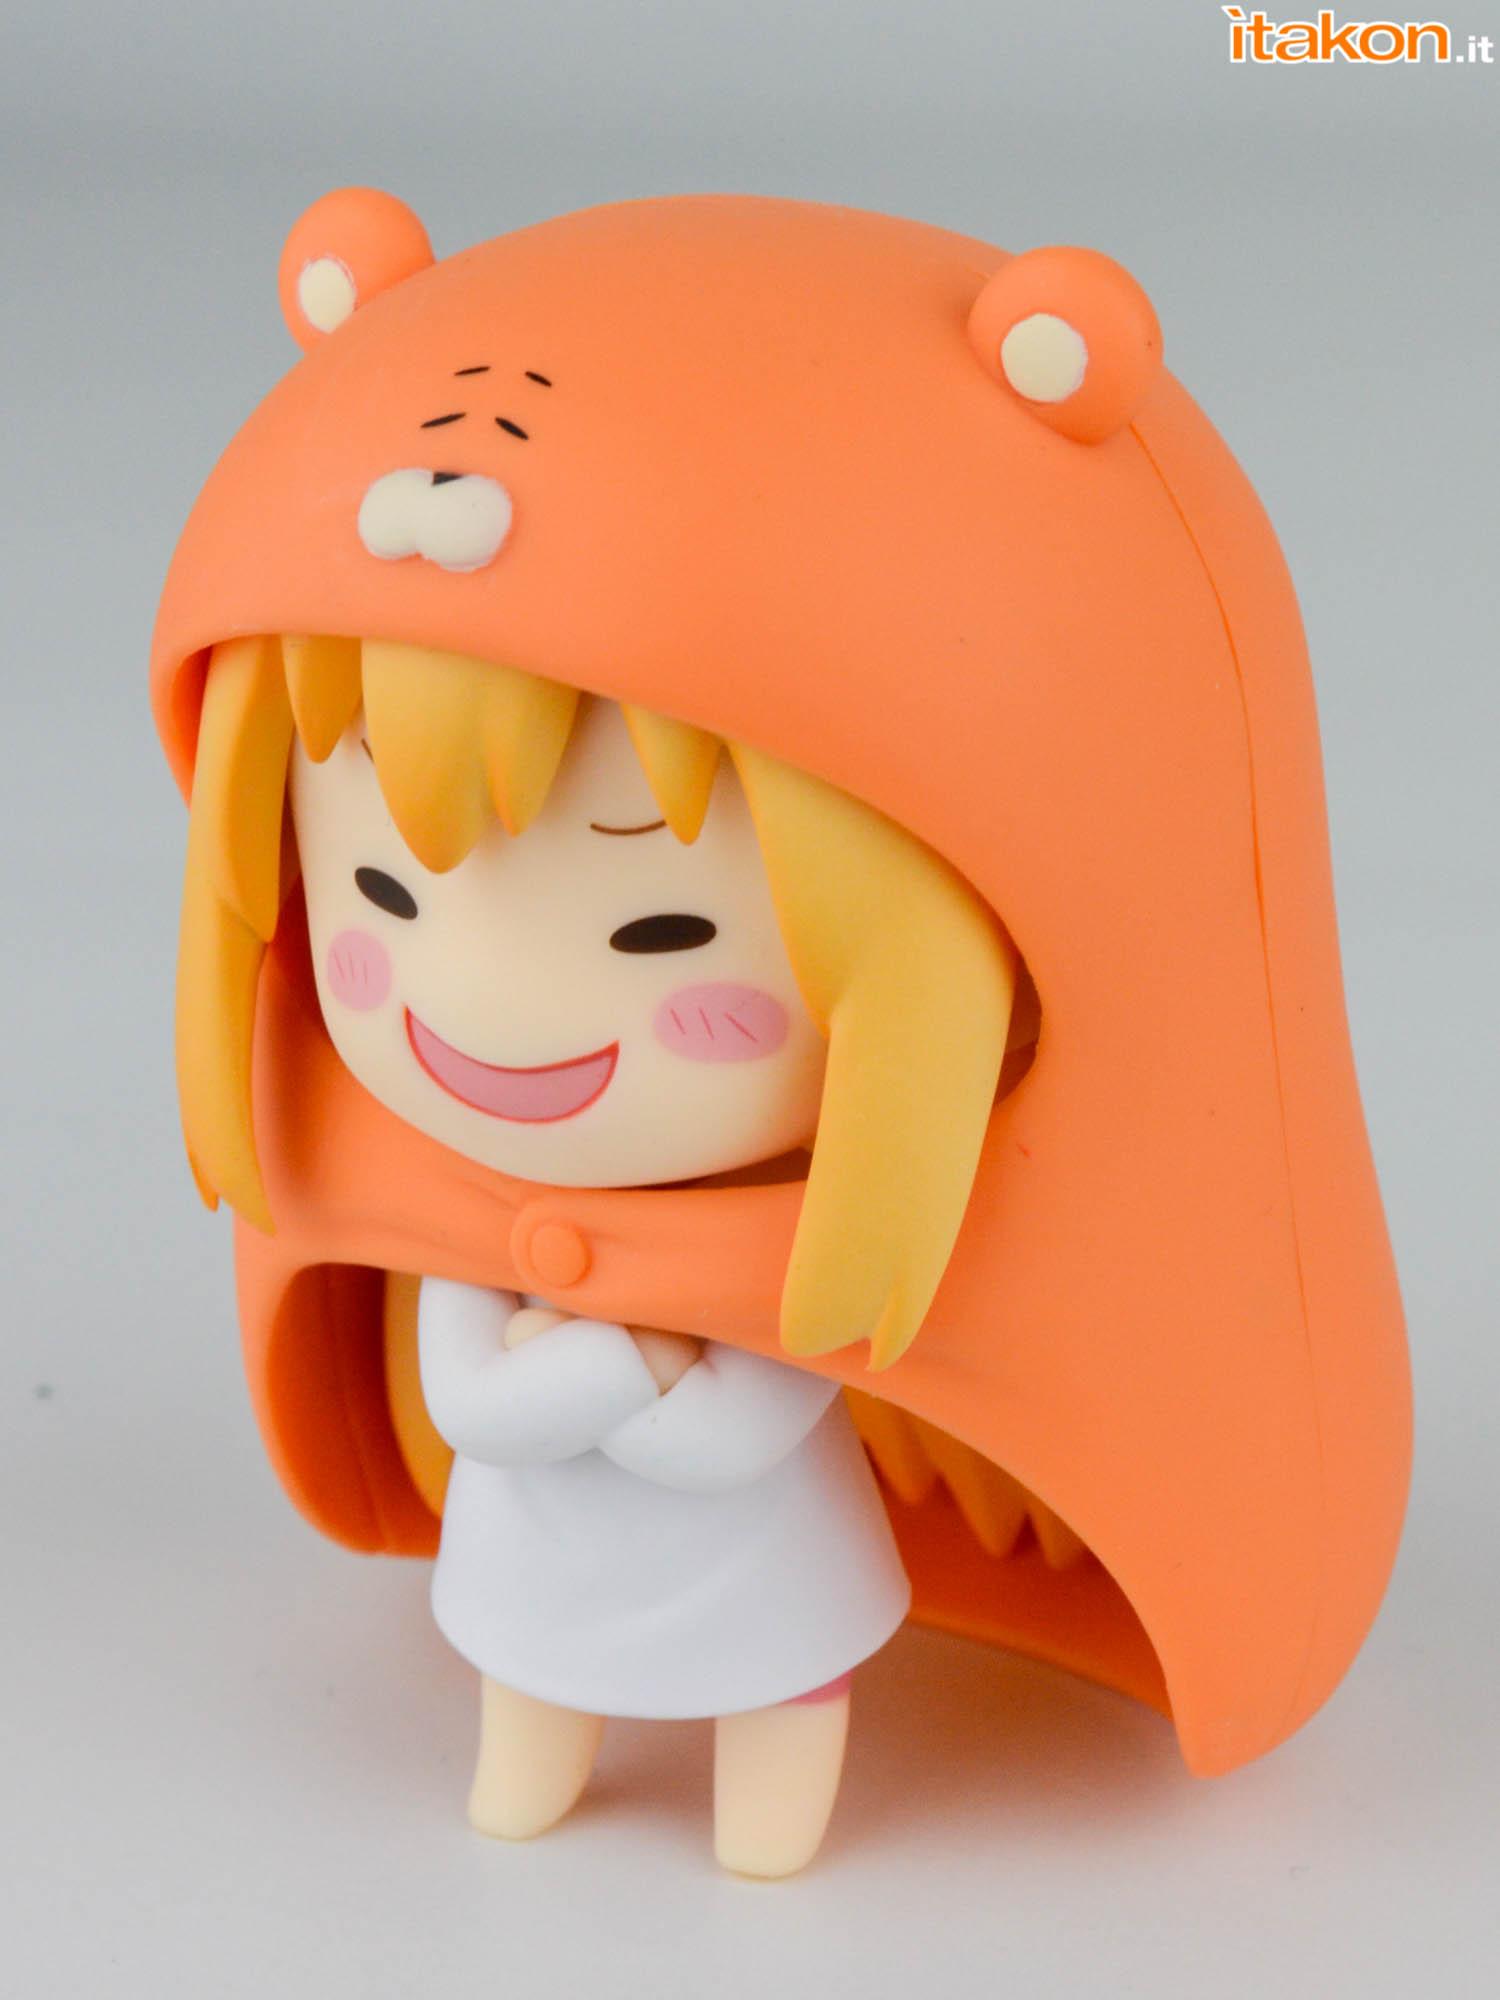 Umaru_Nendoroid_GSC_524_review-35